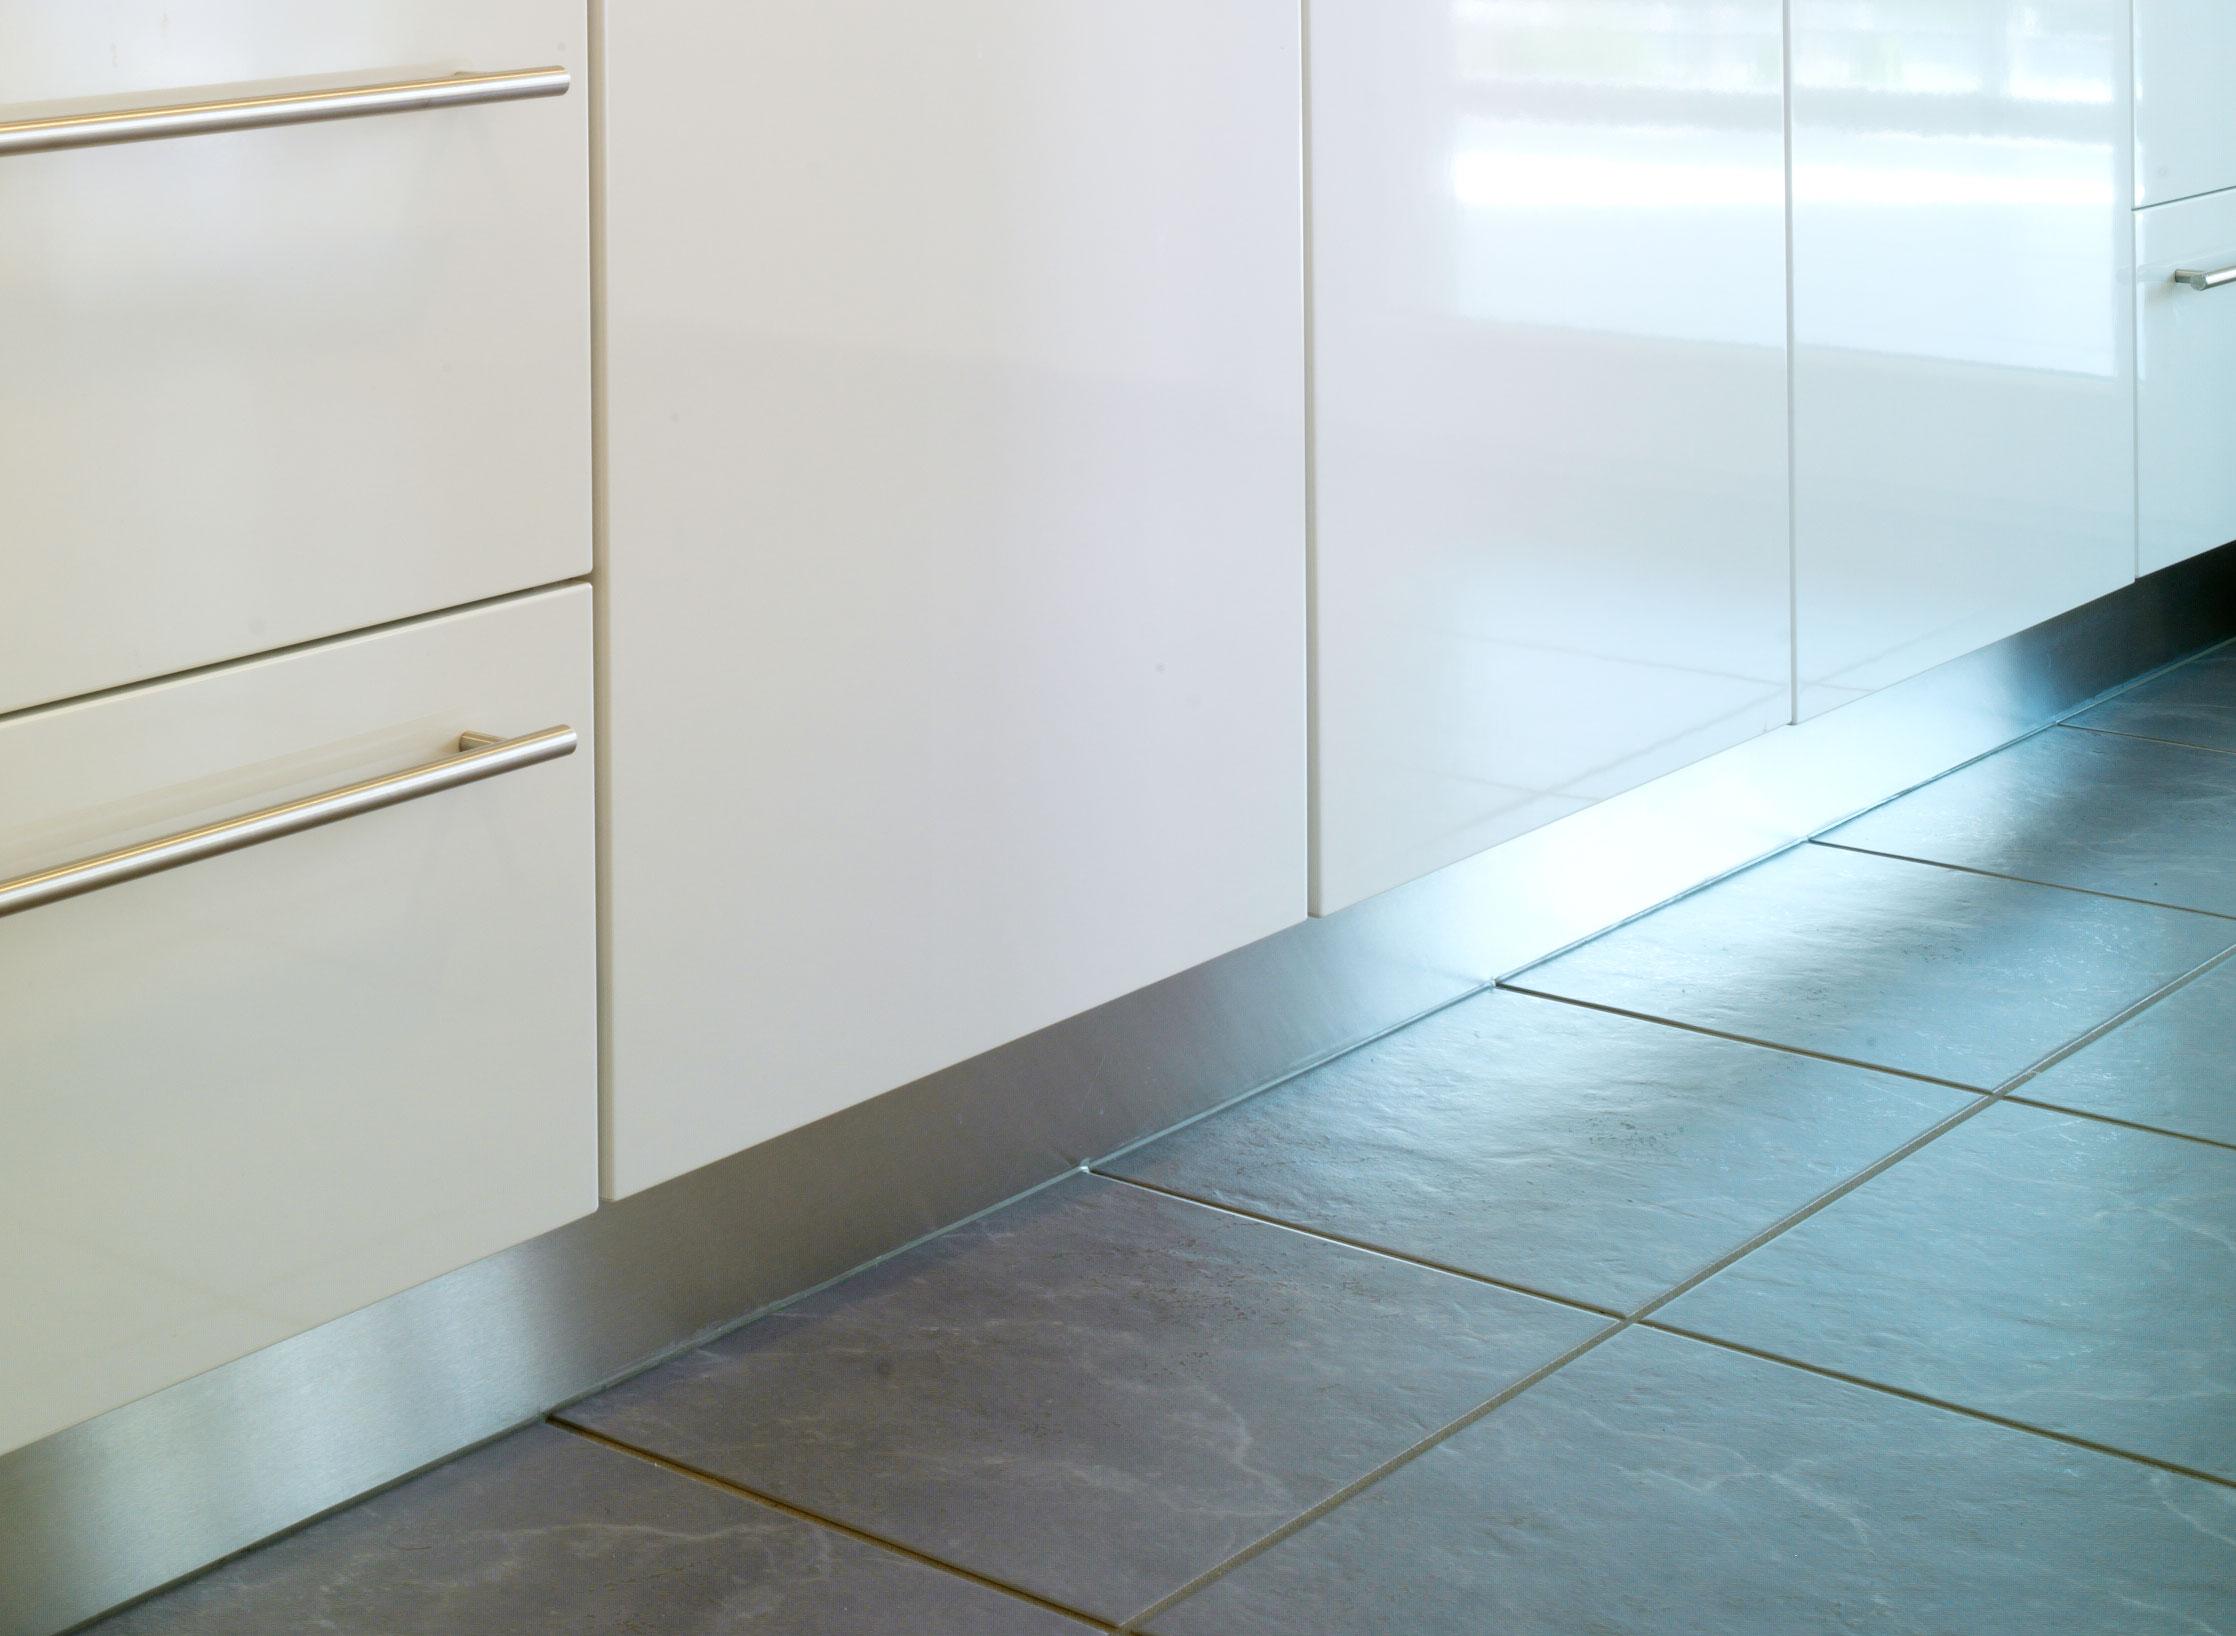 Full Size of Sockelleiste Küche Sockelblende Kche Zuschnitt Blende Fliesenspiegel Sockel Ikea Miniküche Hängeschrank Höhe Industriedesign Einbauküche Ohne Kühlschrank Wohnzimmer Sockelleiste Küche